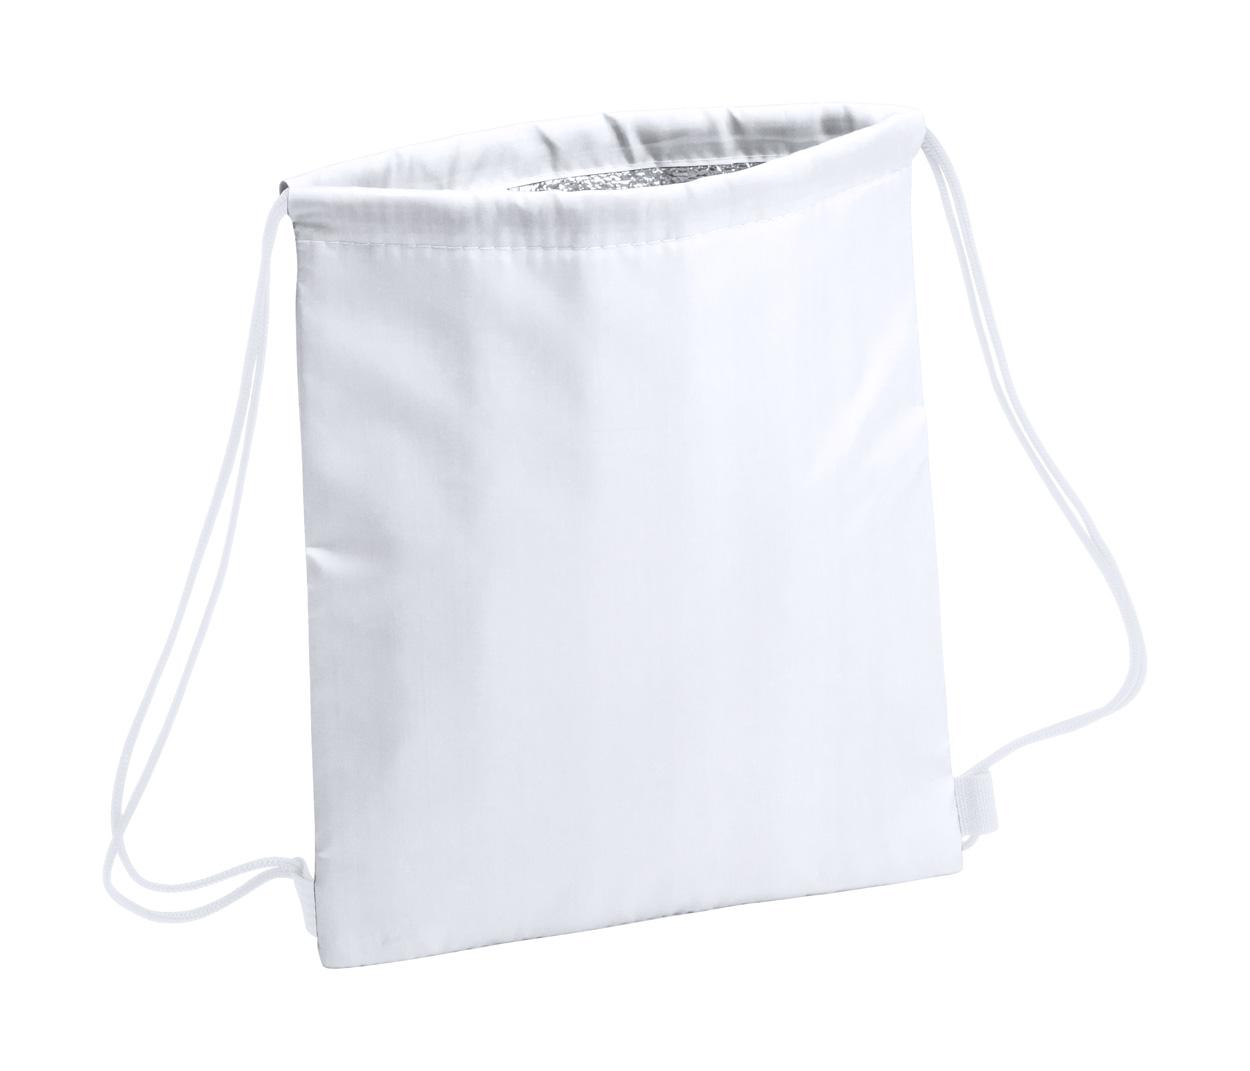 Tradan cooler bag